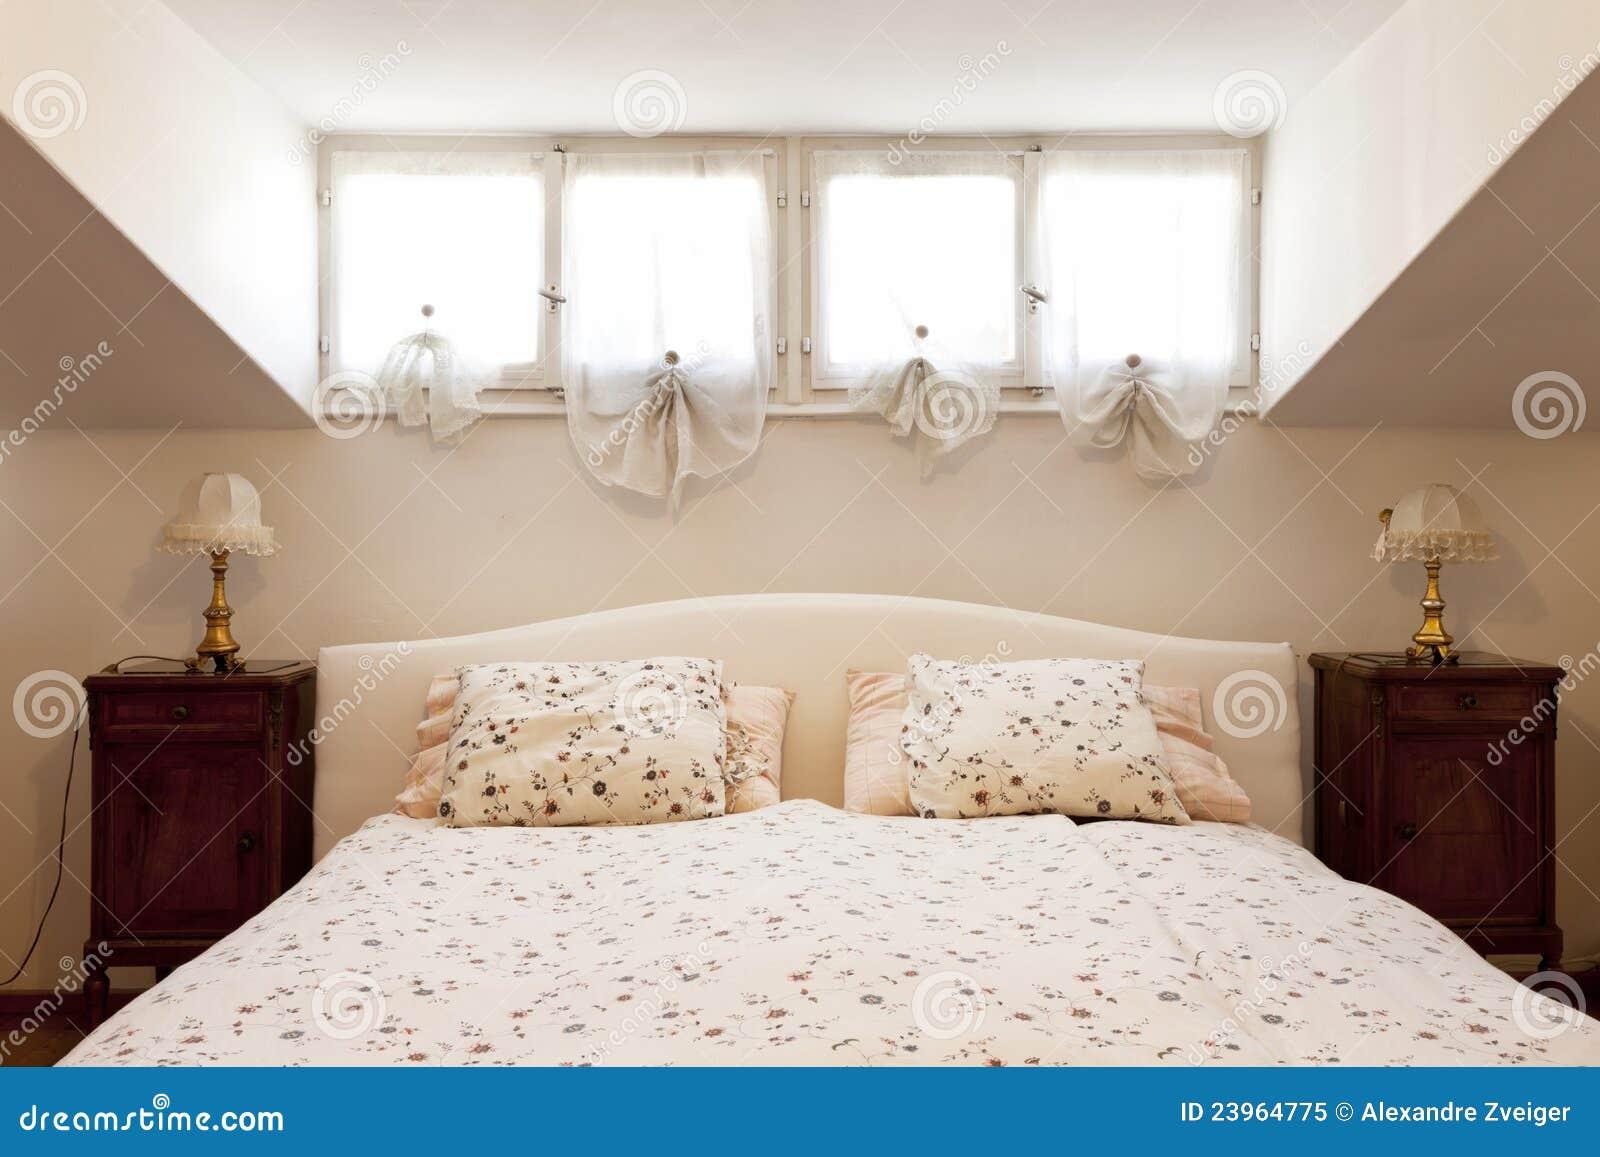 Kleine geleverde zolder slaapkamer royalty vrije stock foto beeld 23964775 - Slaapkamer klein gebied ...